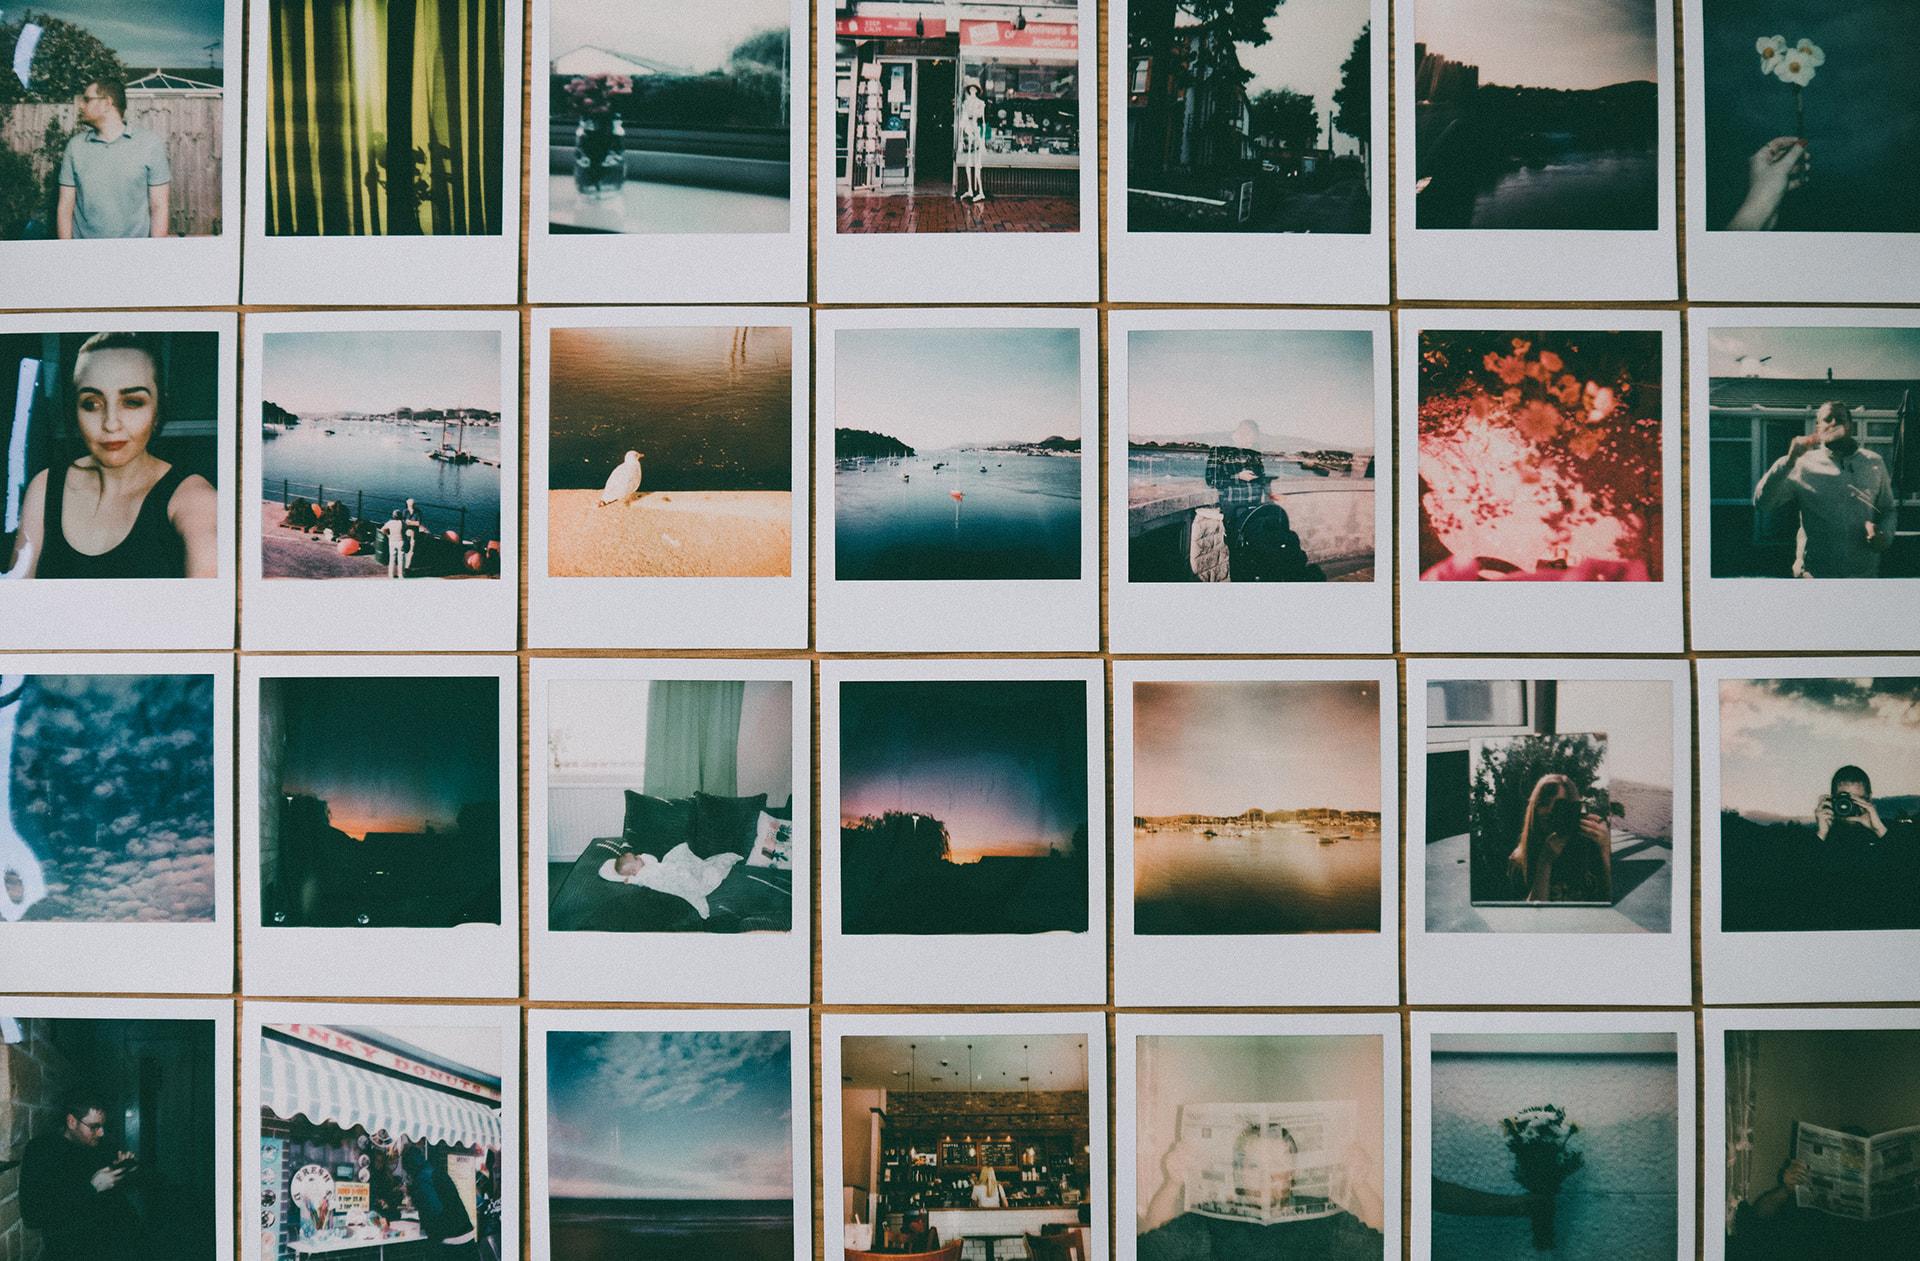 インスタグラムのストーリーに差をつける!おしゃれな写真加工アプリ6選